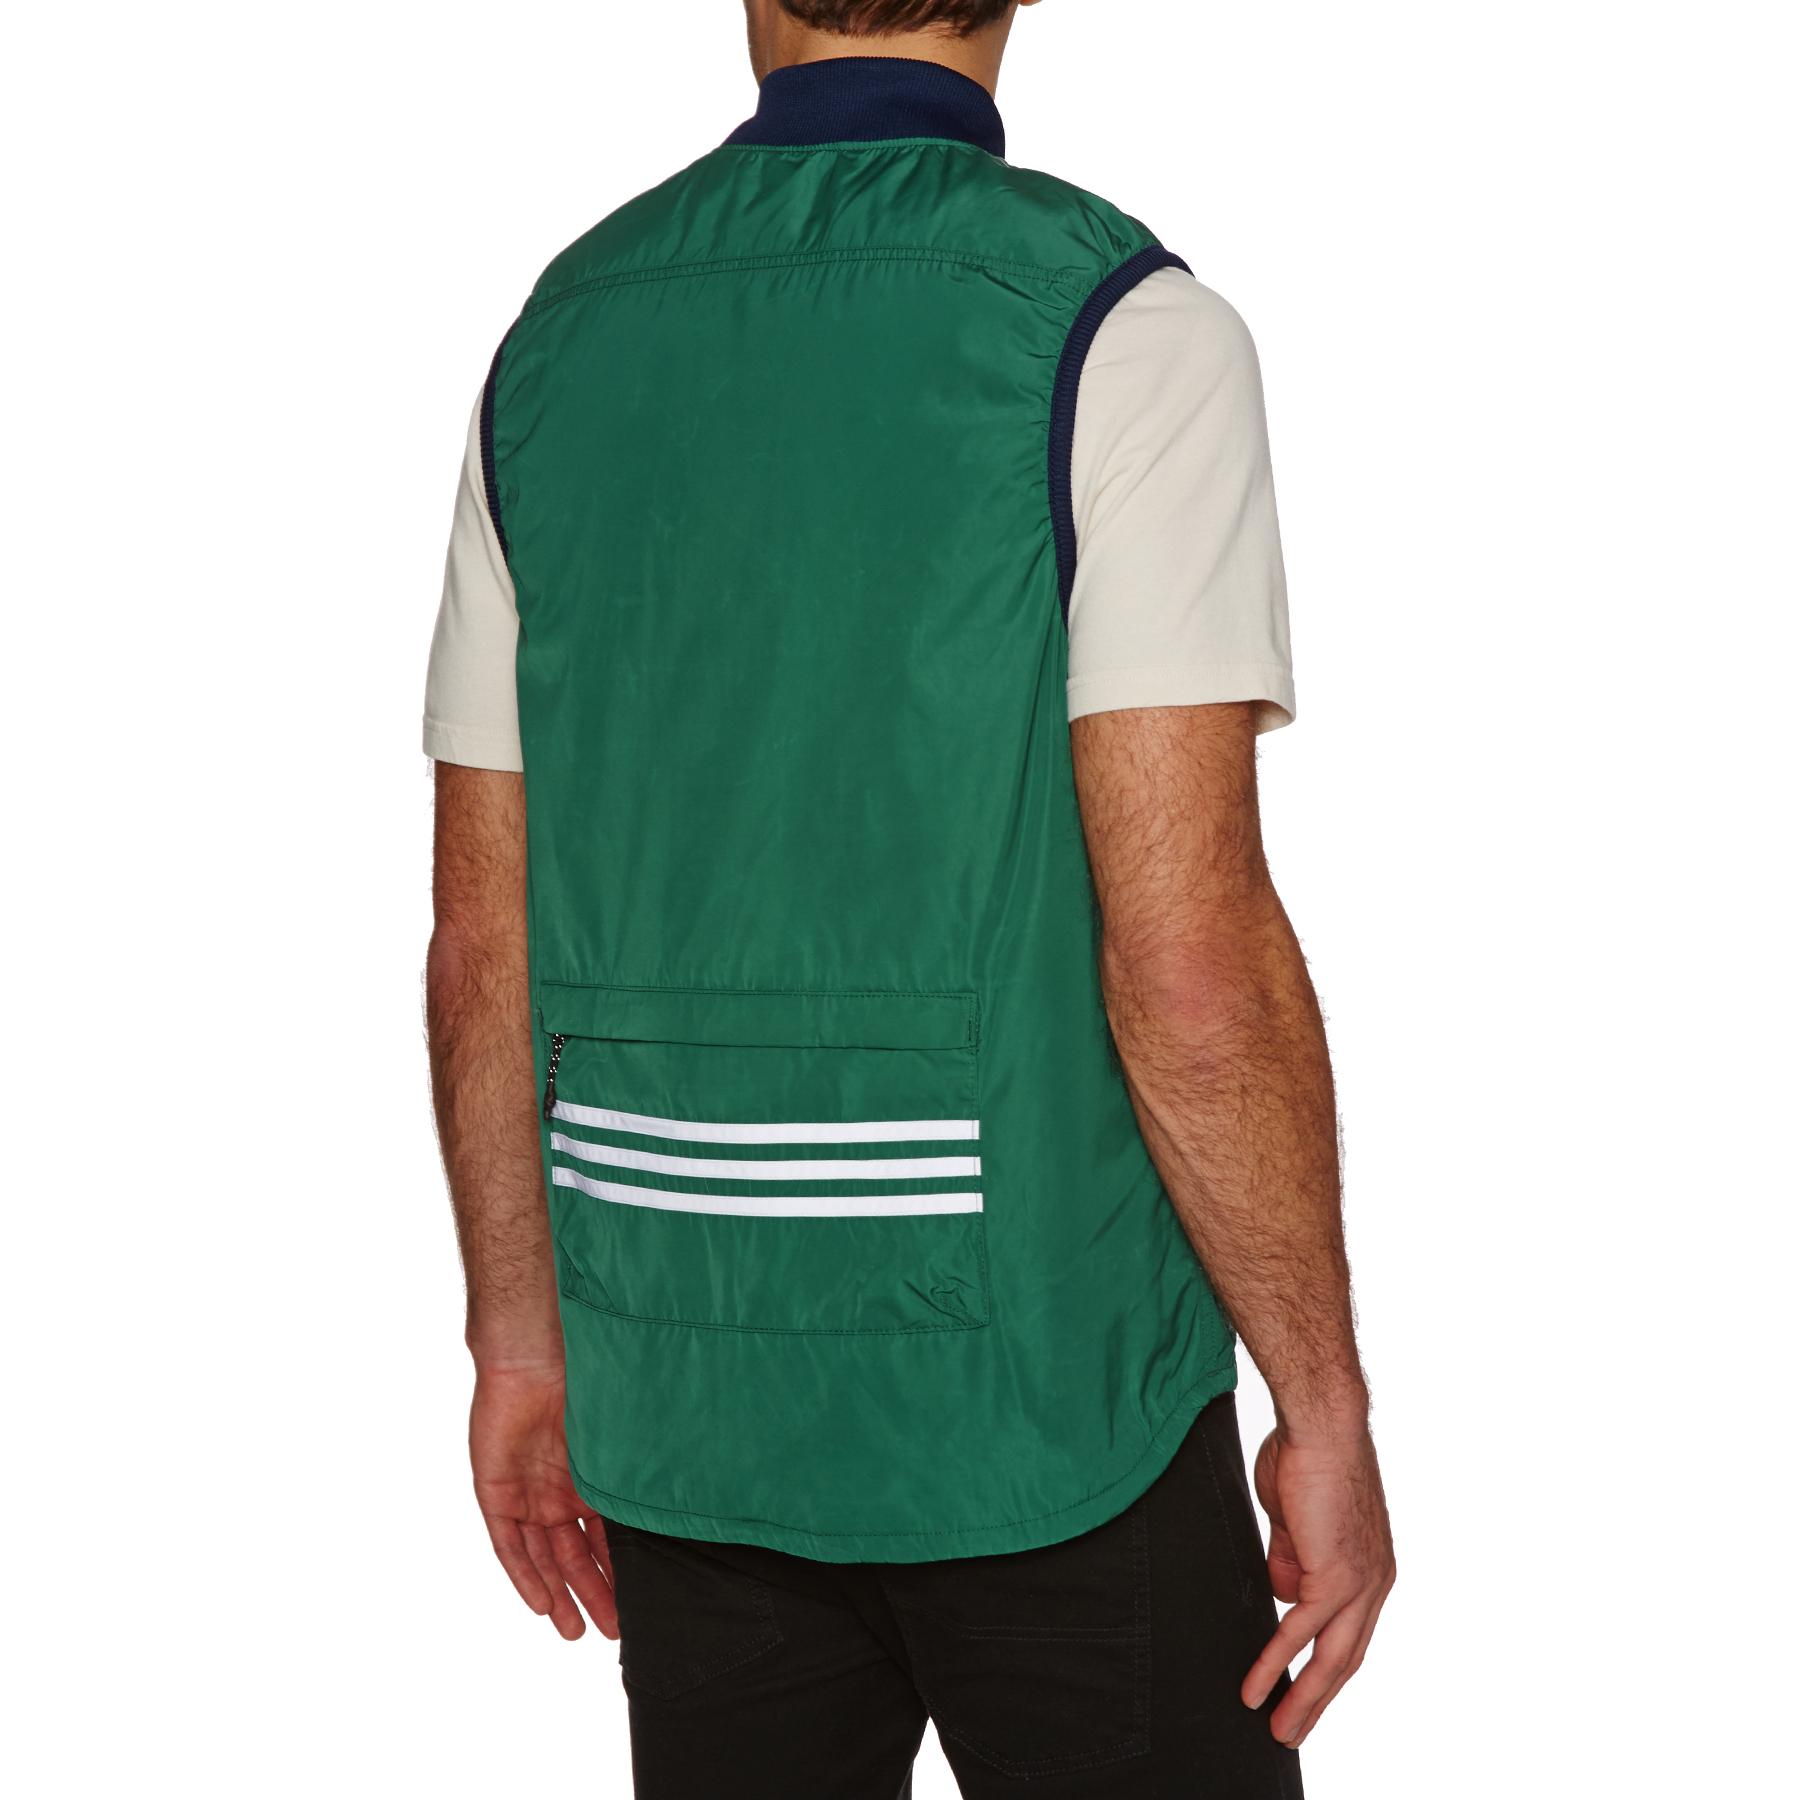 Optimismo Inspiración corazón perdido  adidas Skateboarding Meade Vest   Green   Vests   CE1806